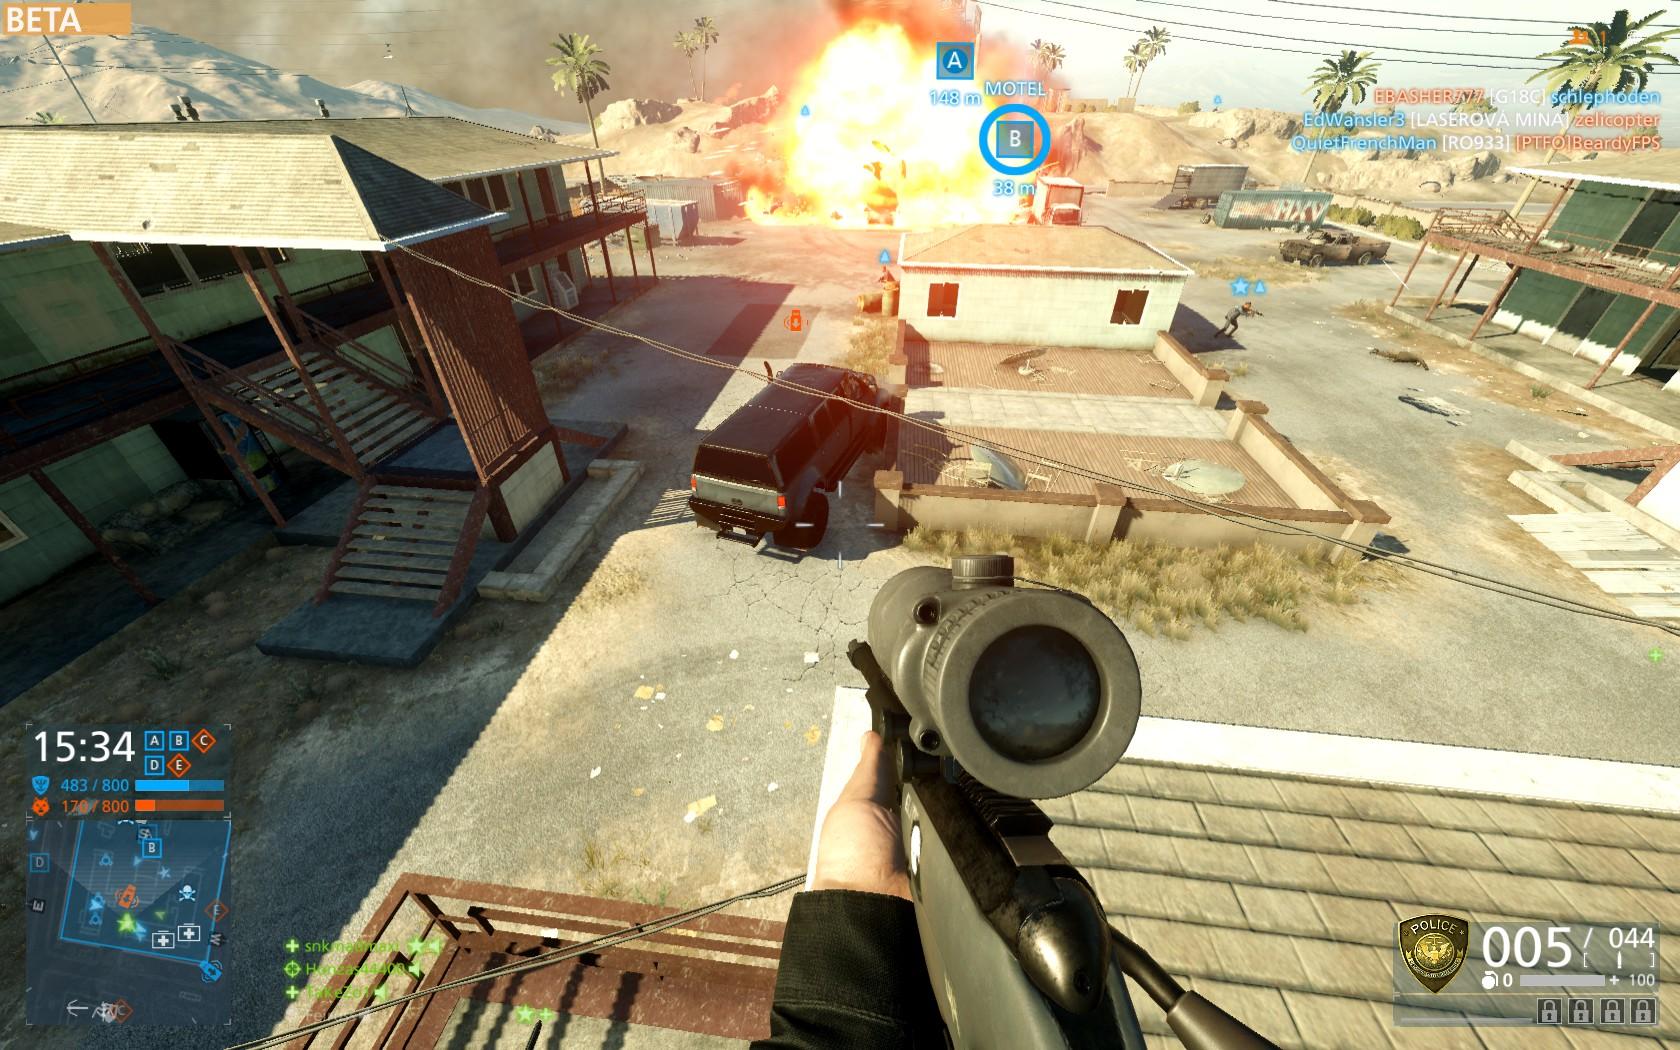 Dojmy z hraní otevřené bety Battlefield Hardline 105539